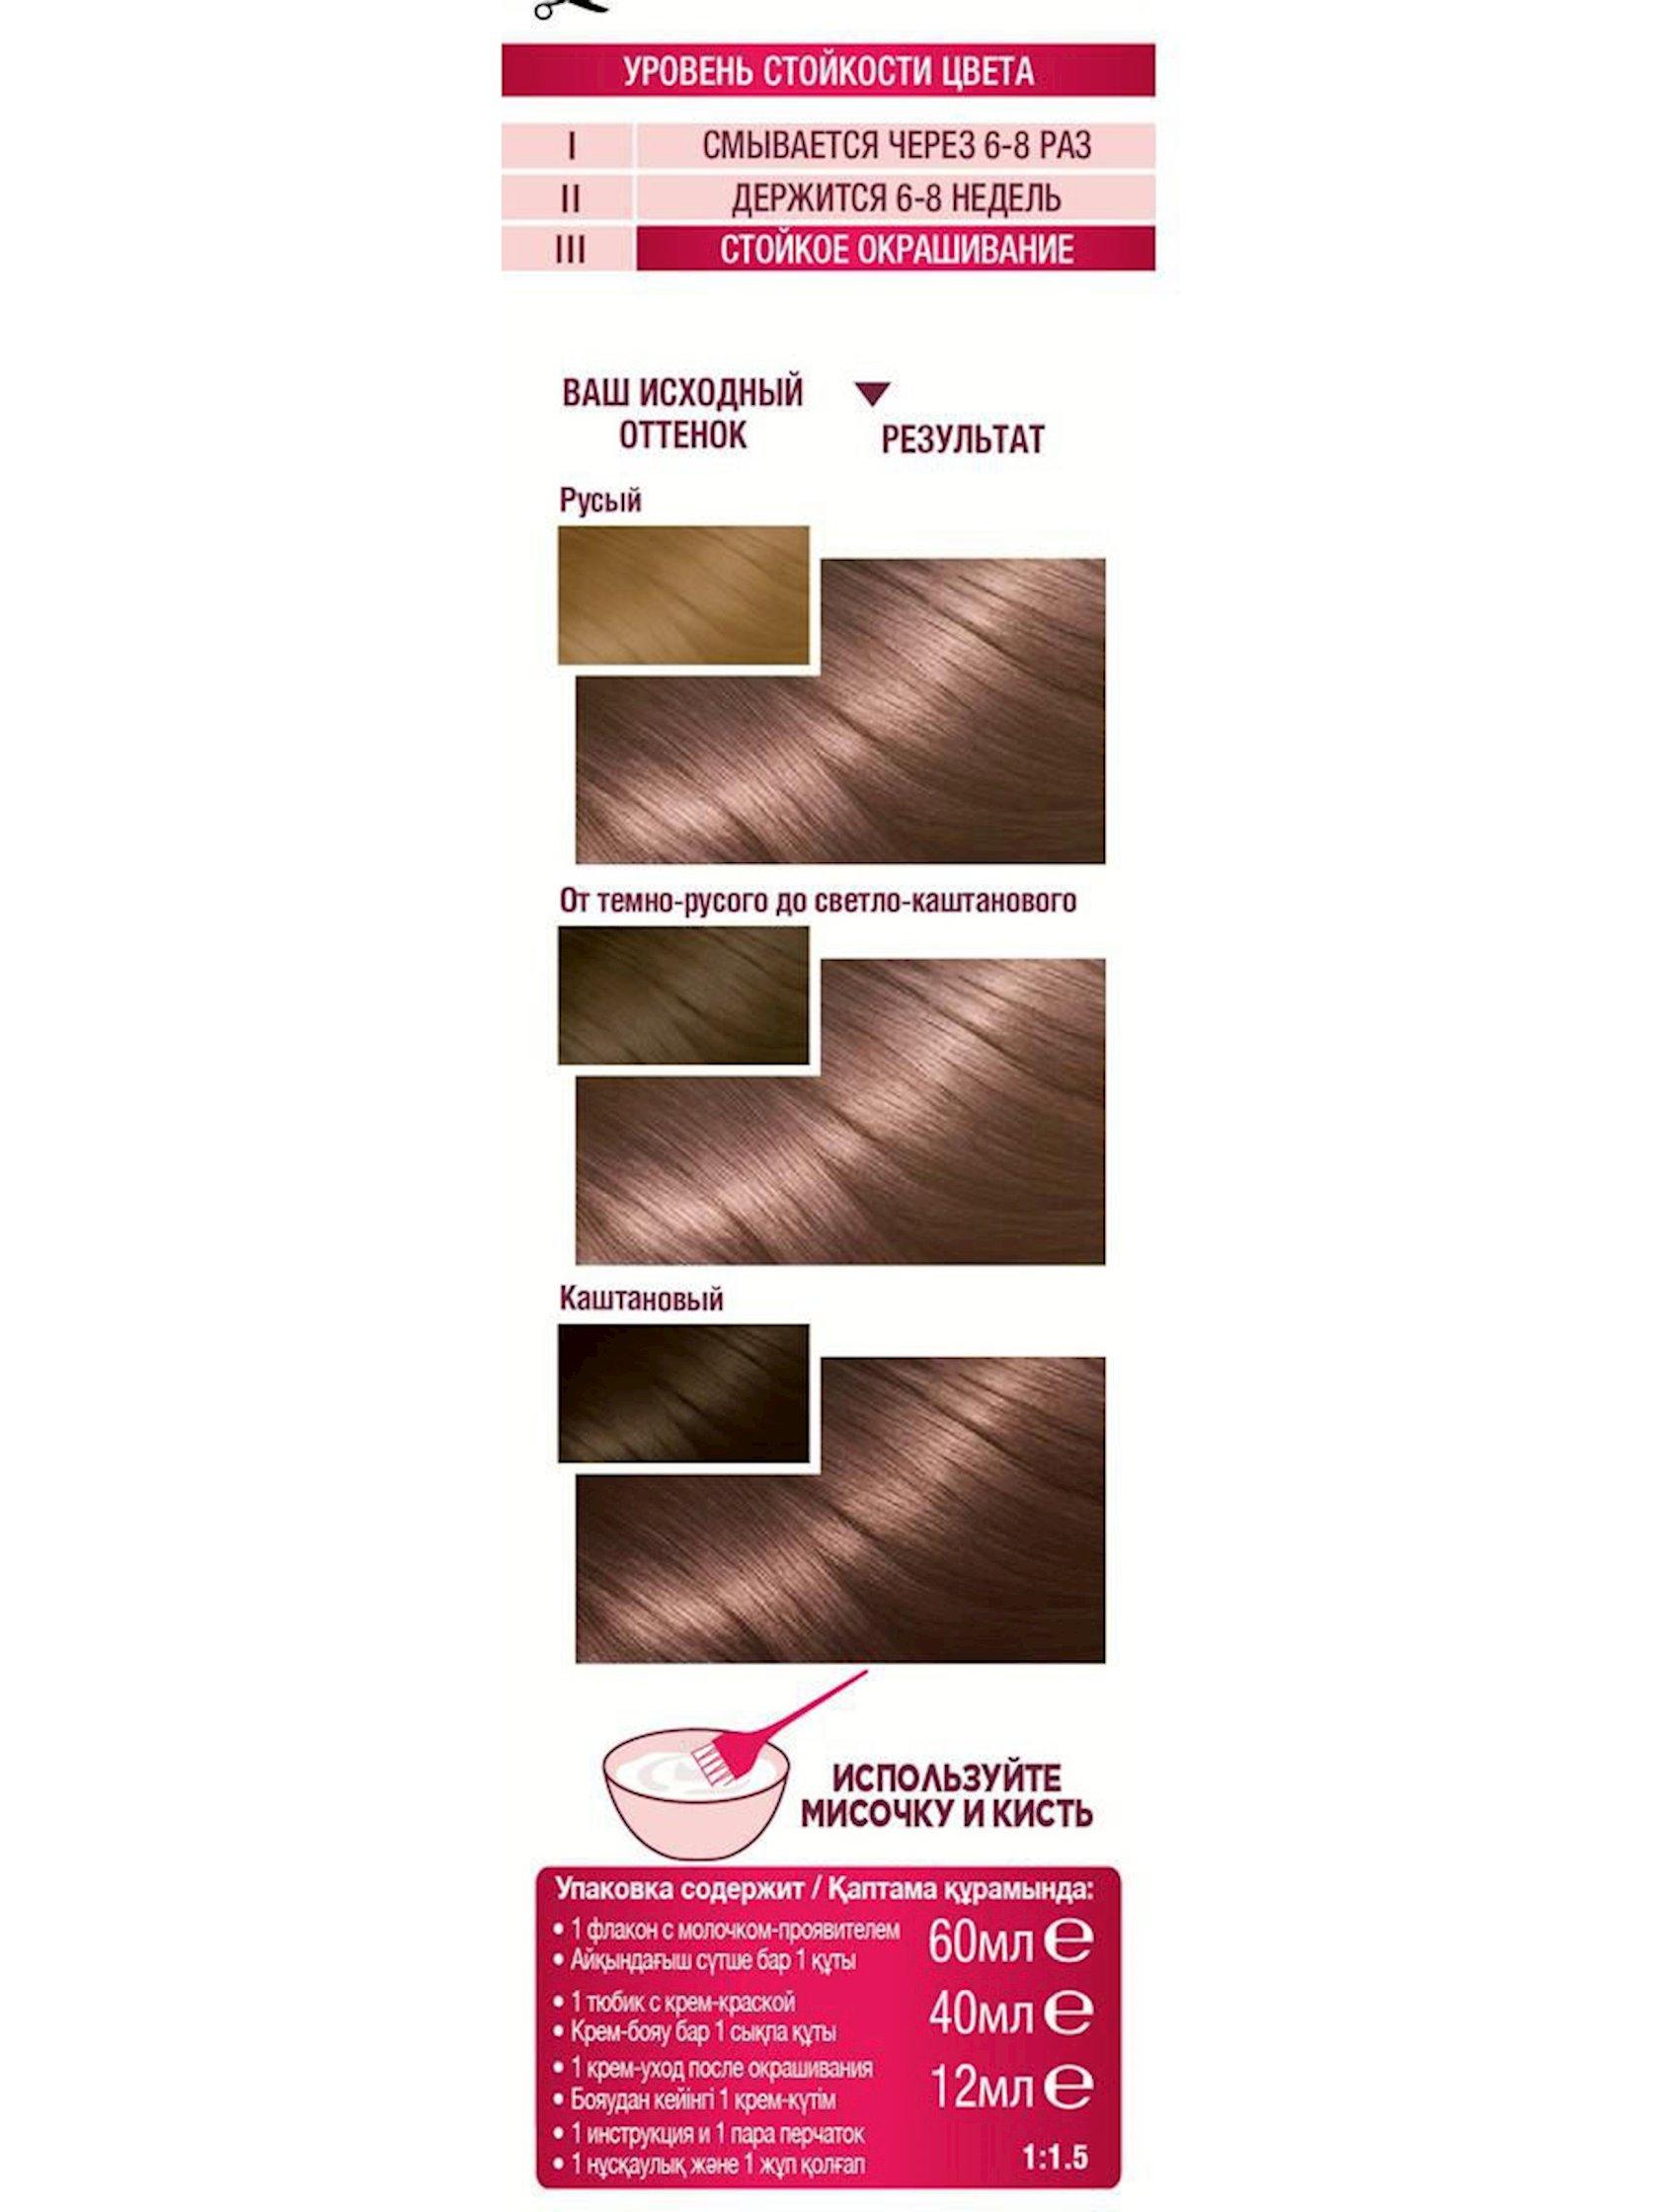 Saç üçün qalıcı krem-boya Garnier Color Sensation Dəbdəbəli rəng 7.12 Mirvari kül blond